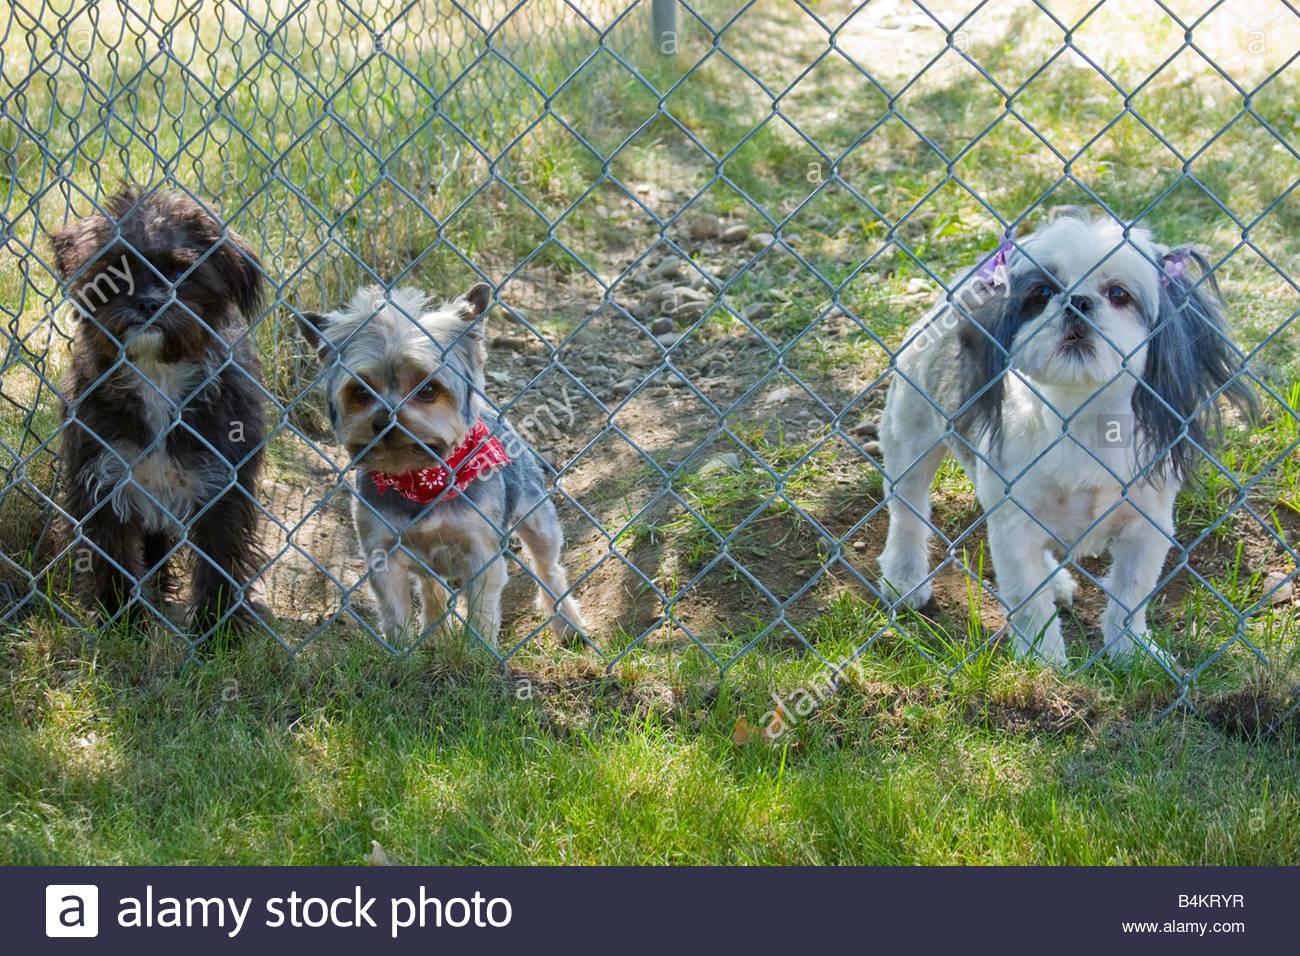 Schön Maschendrahtzaun Für Hunde Ideen - Der Schaltplan - triangre.info